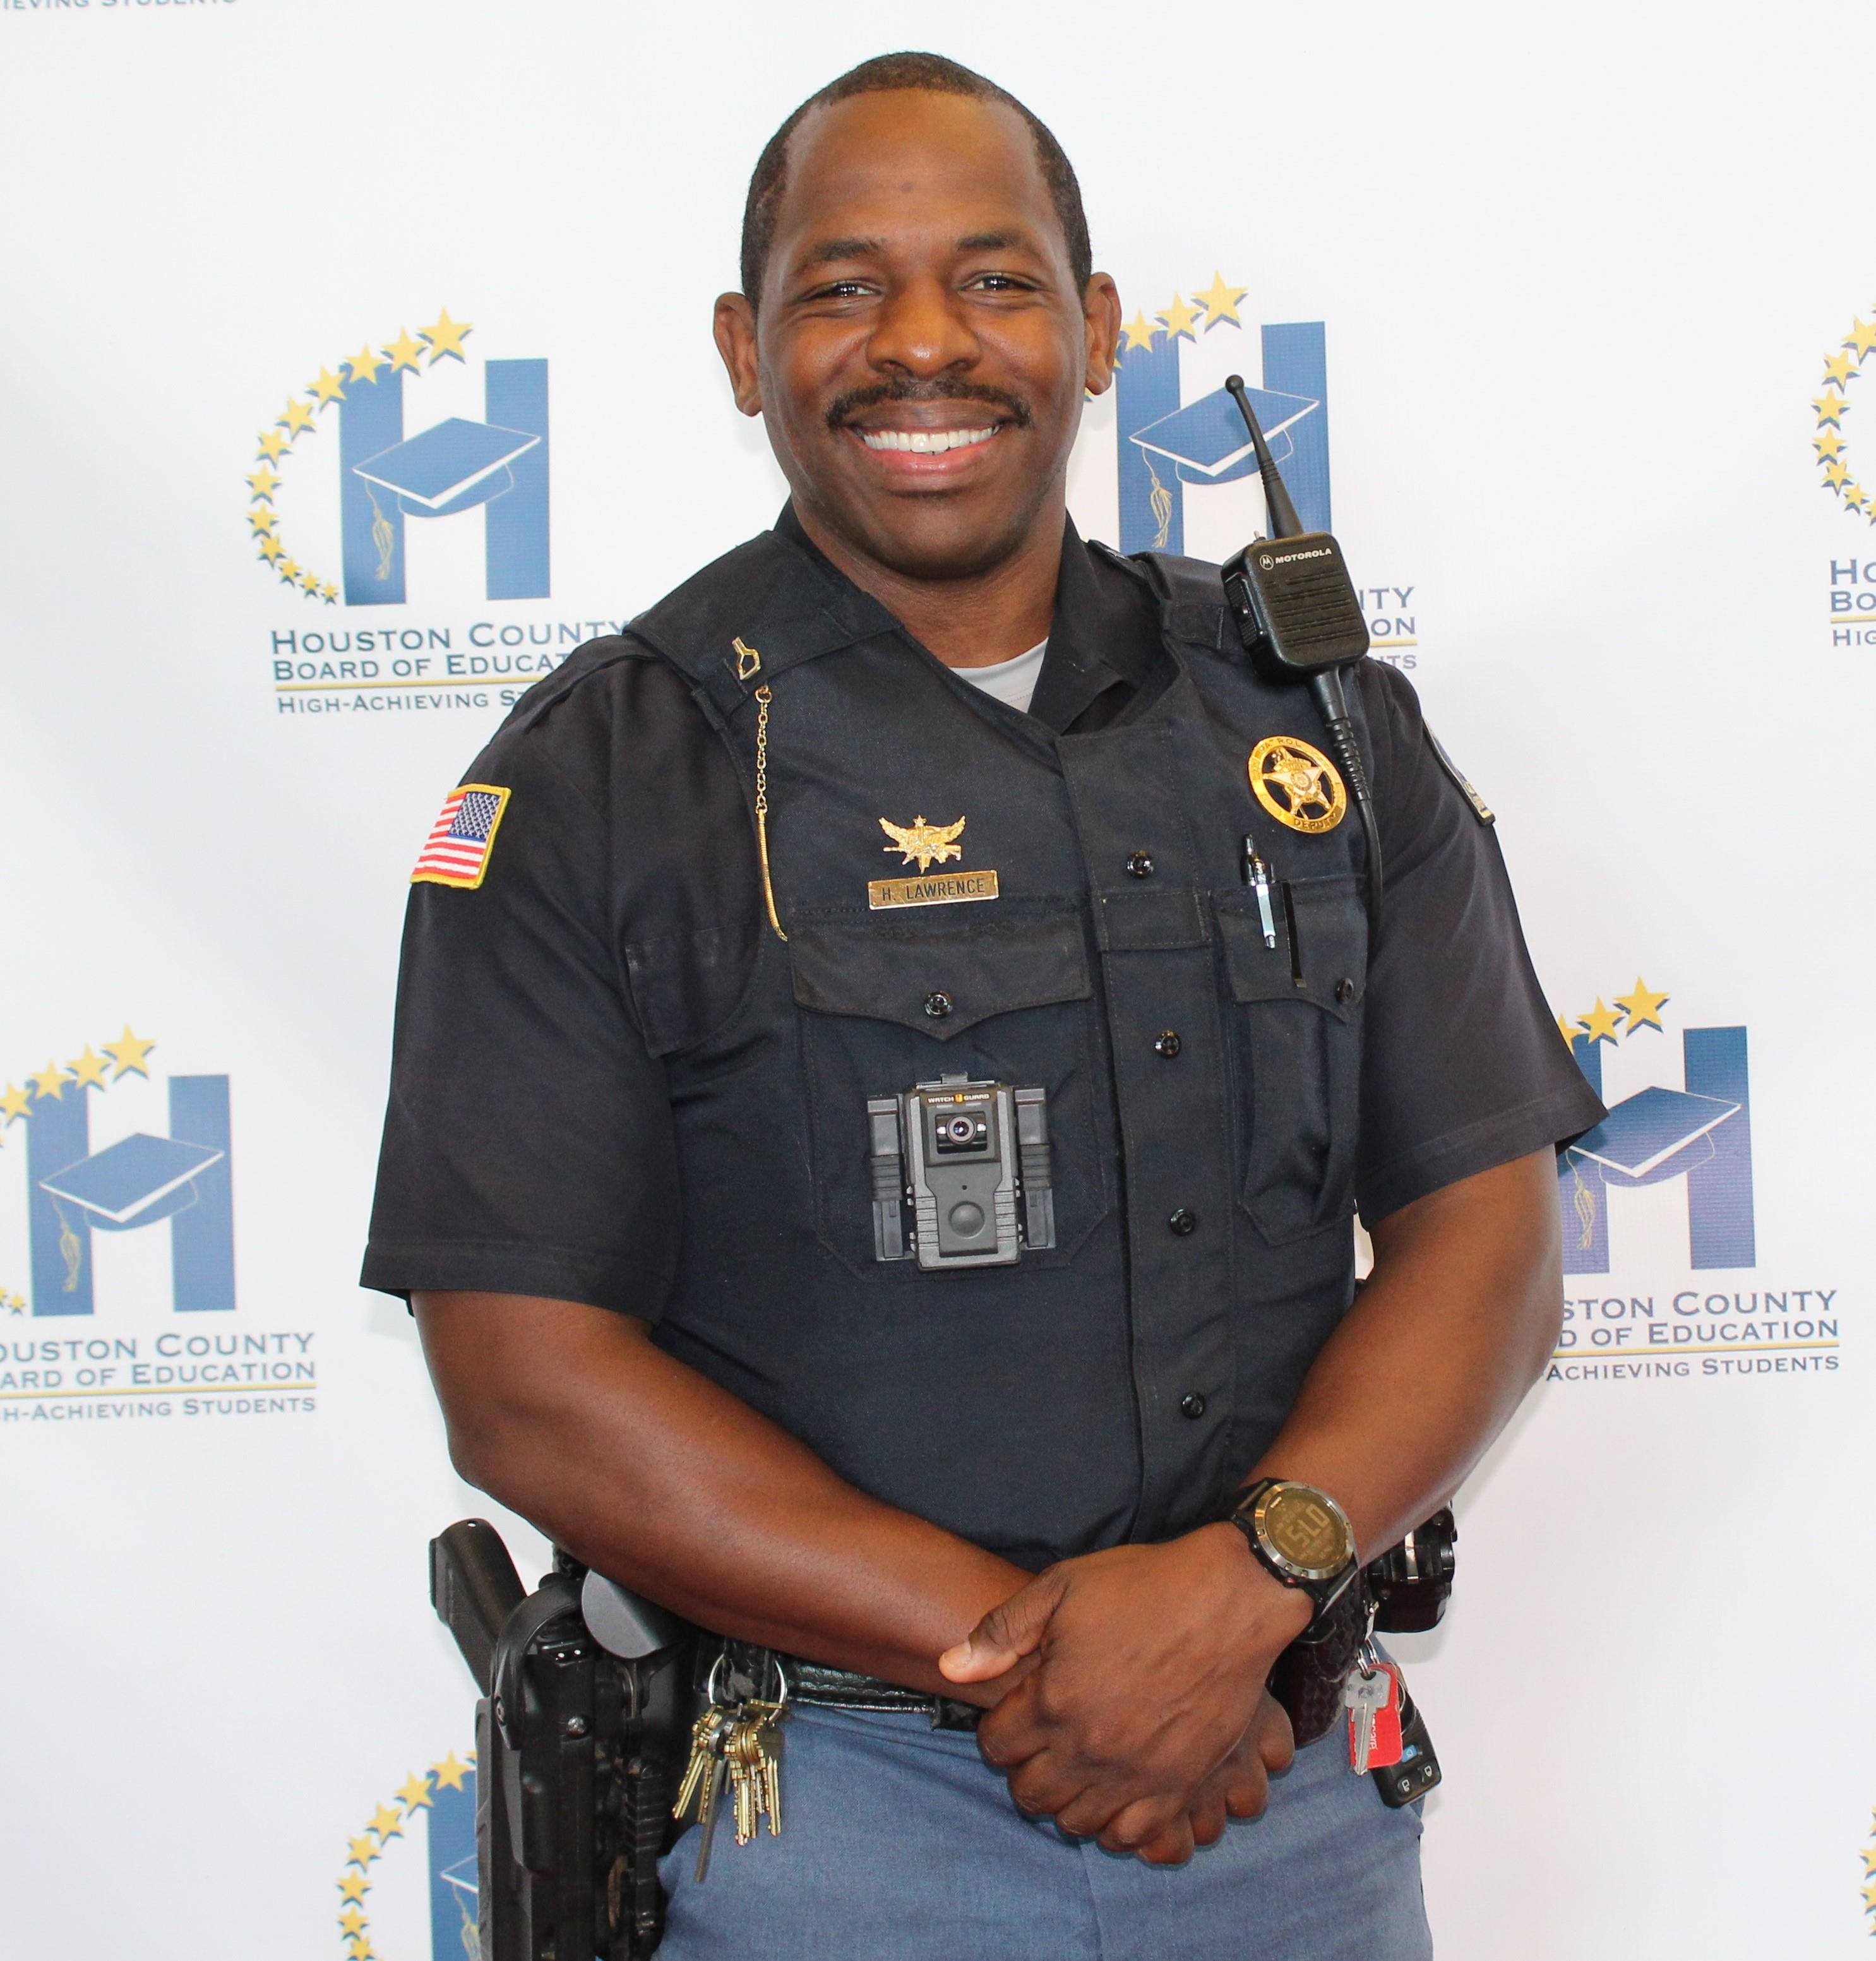 Deputy Henry Lawrence